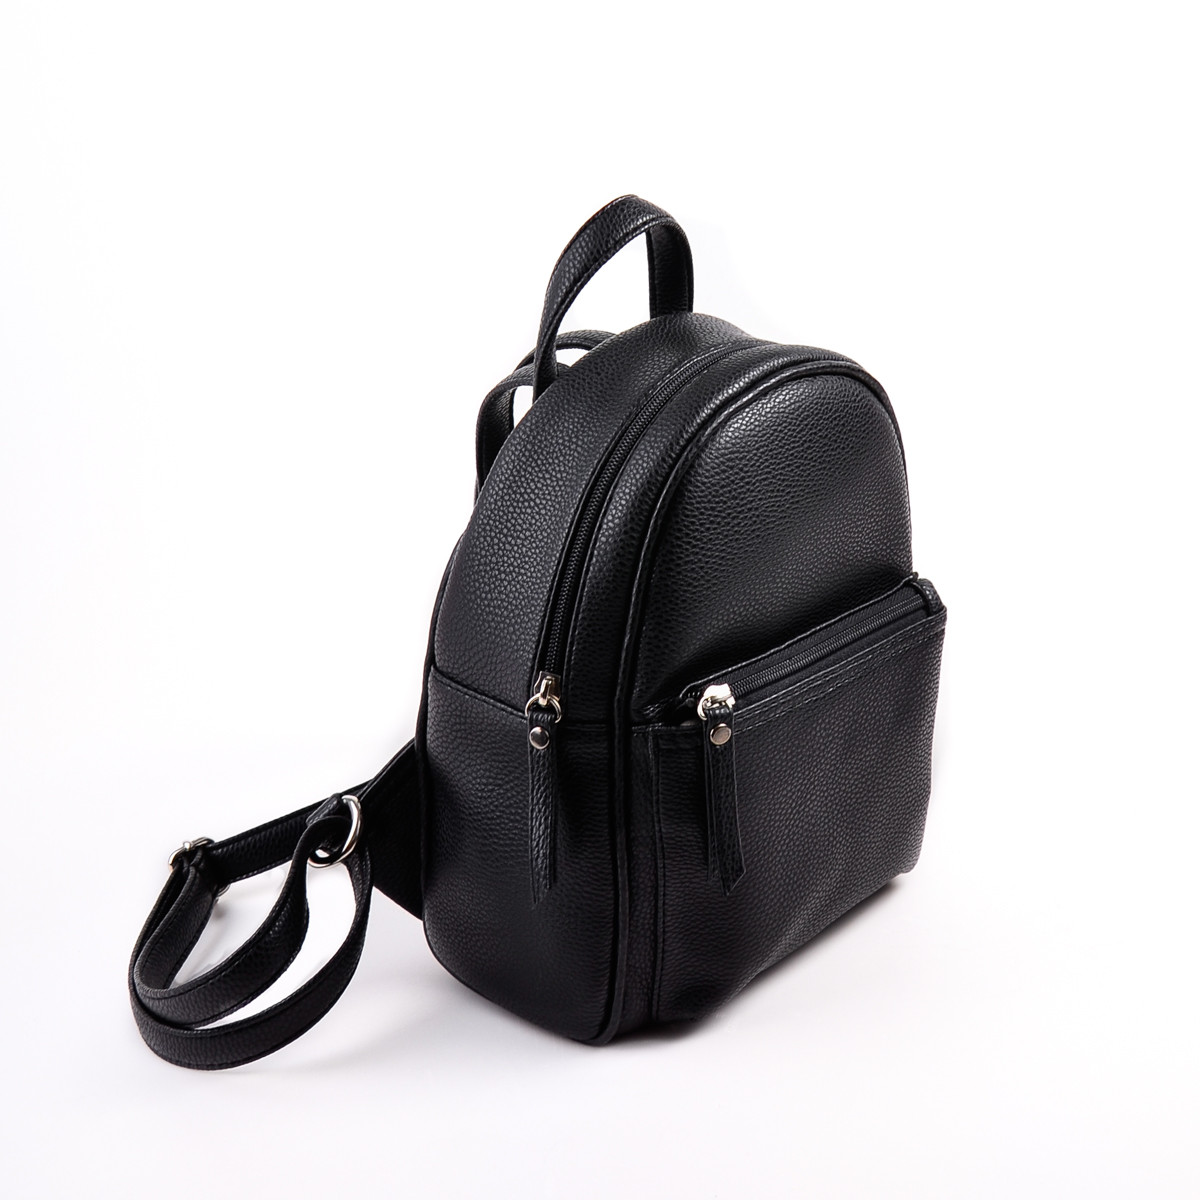 b9c28378c903 Женский черный рюкзак М124-47, цена 370 грн., купить в Луцке — Prom ...